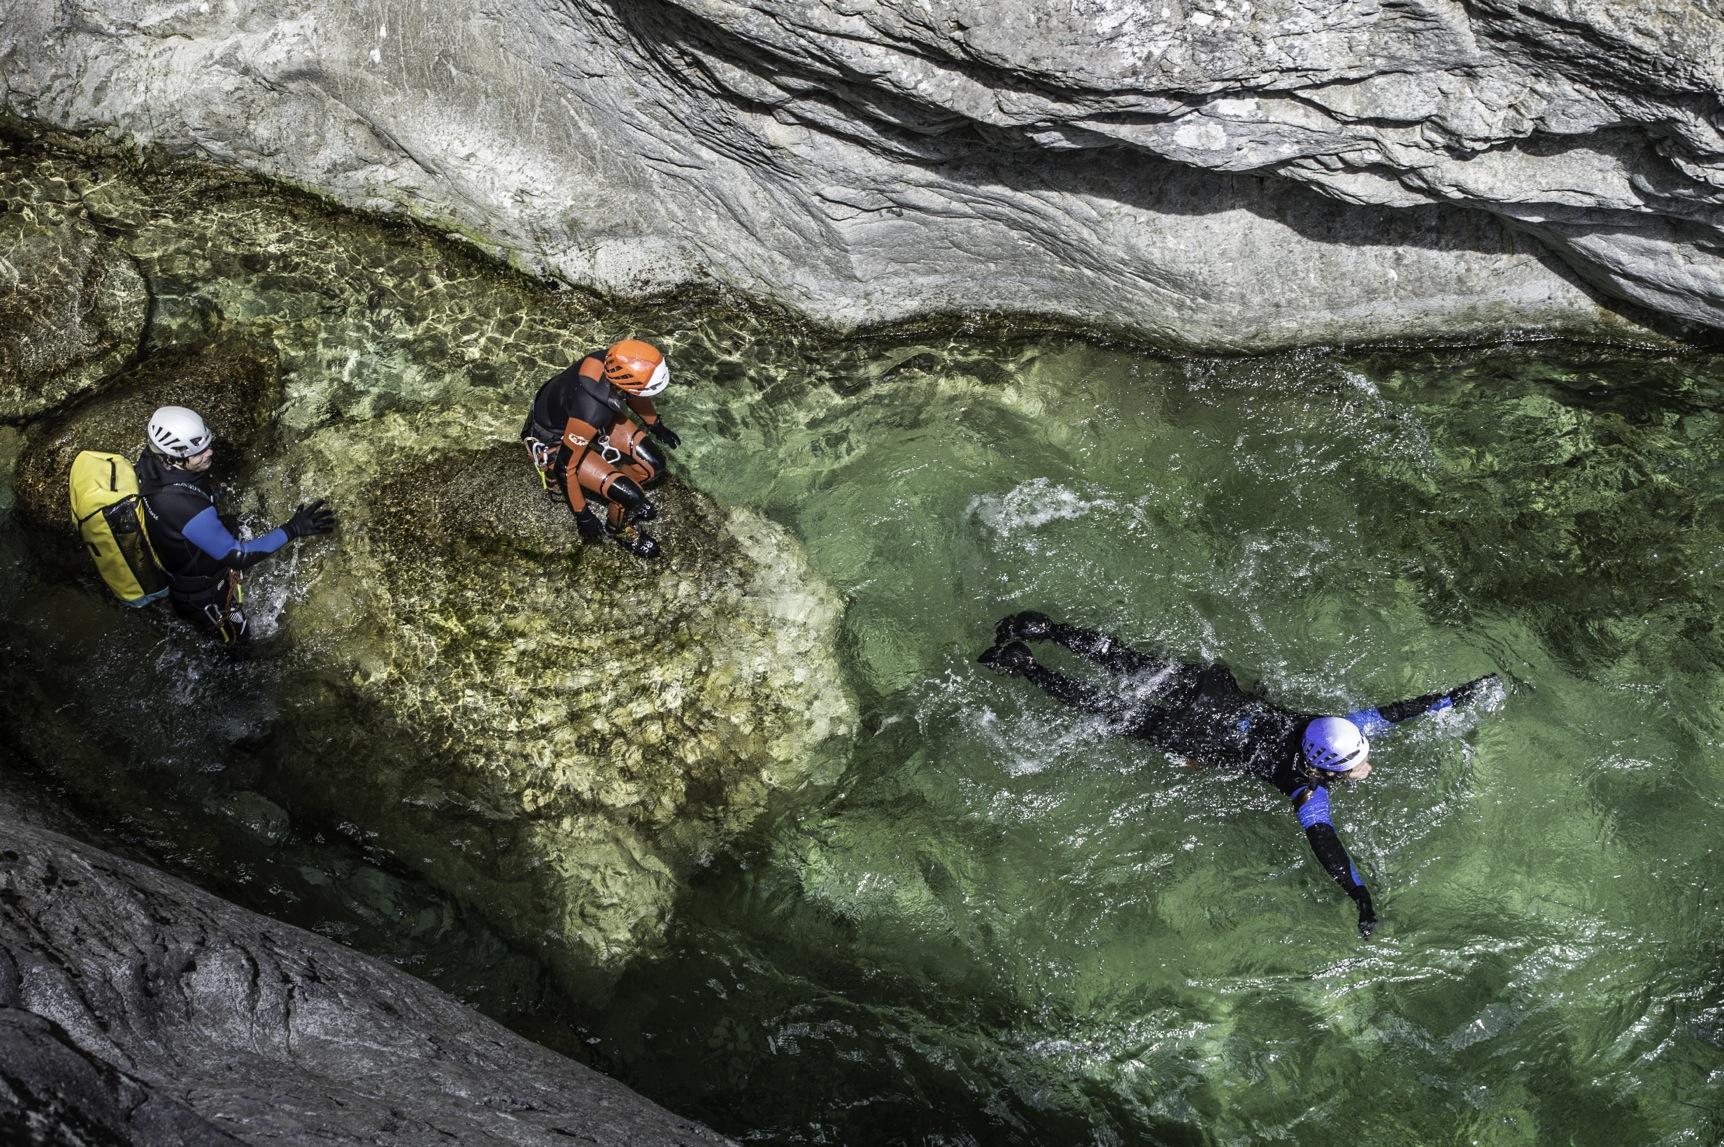 The Richiusa Canyon